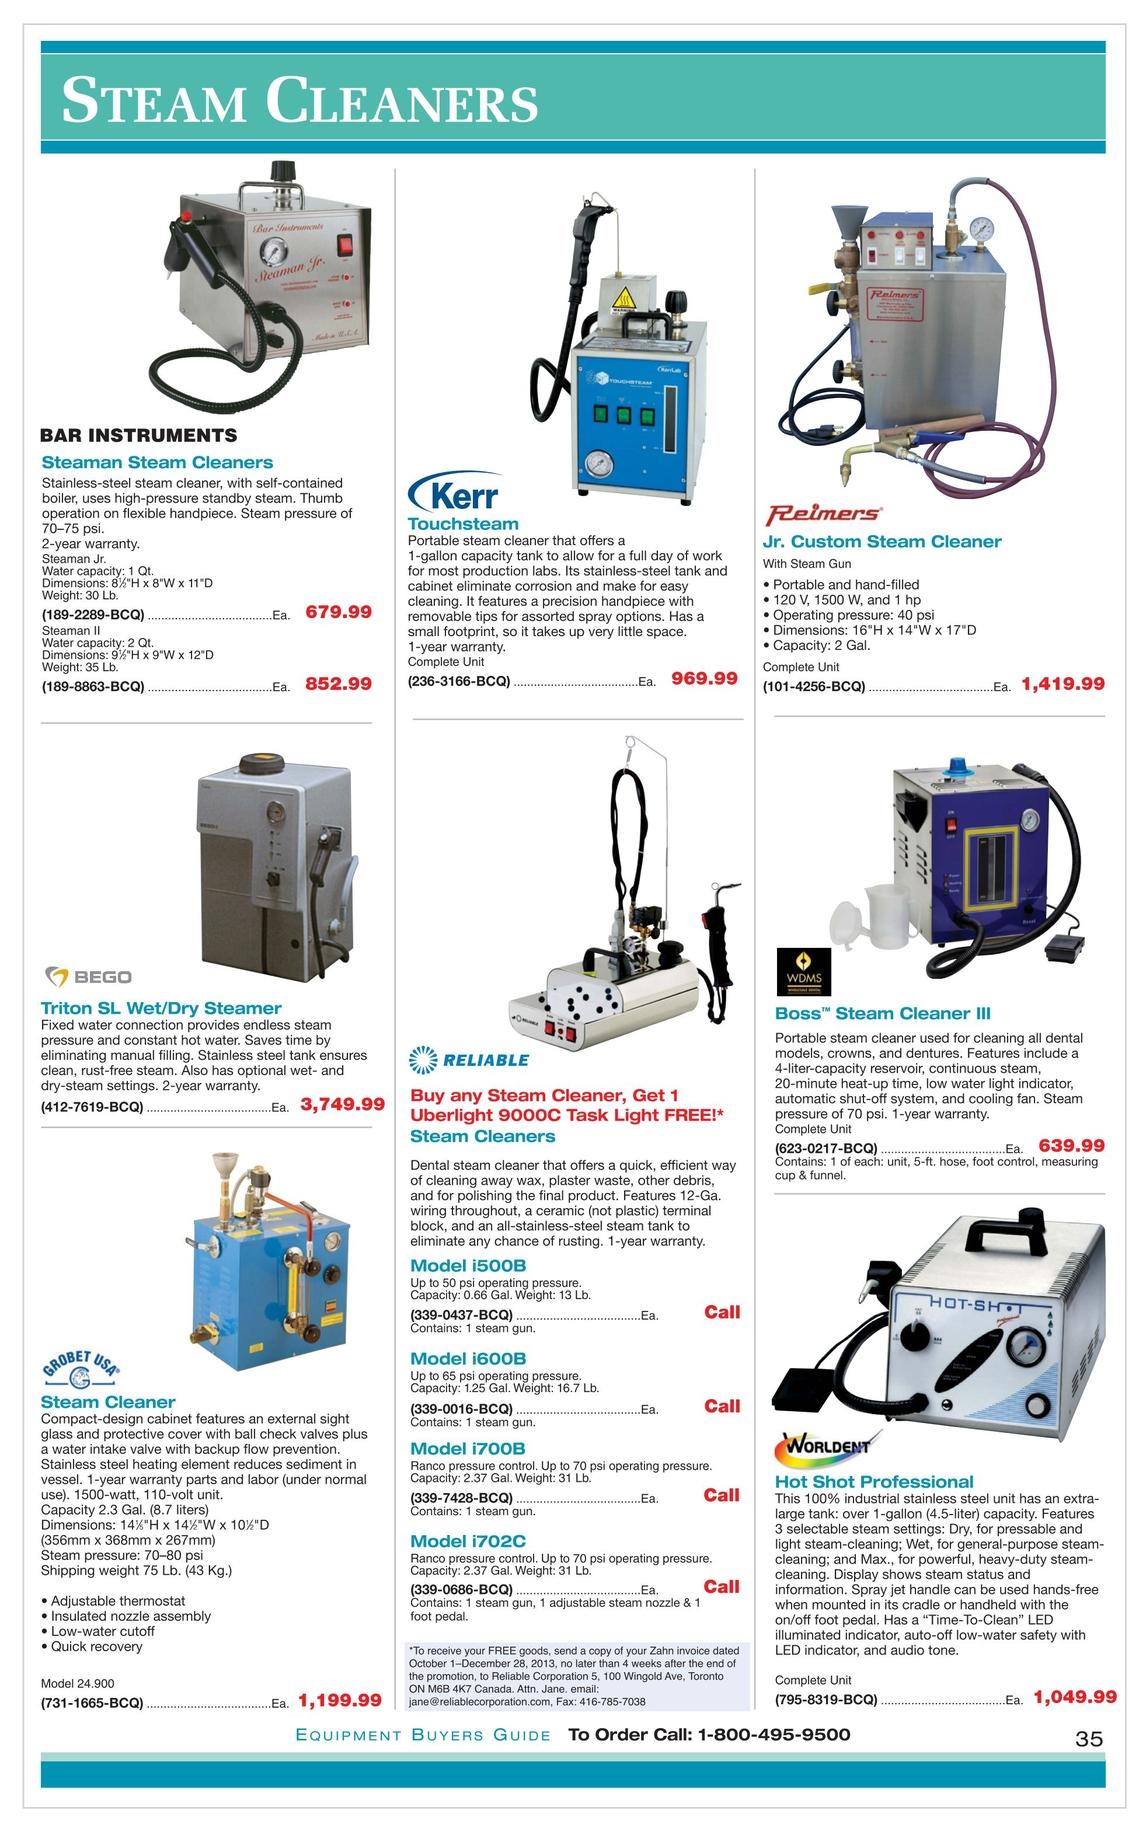 zahn equipment buyer s guide 2013 34 35